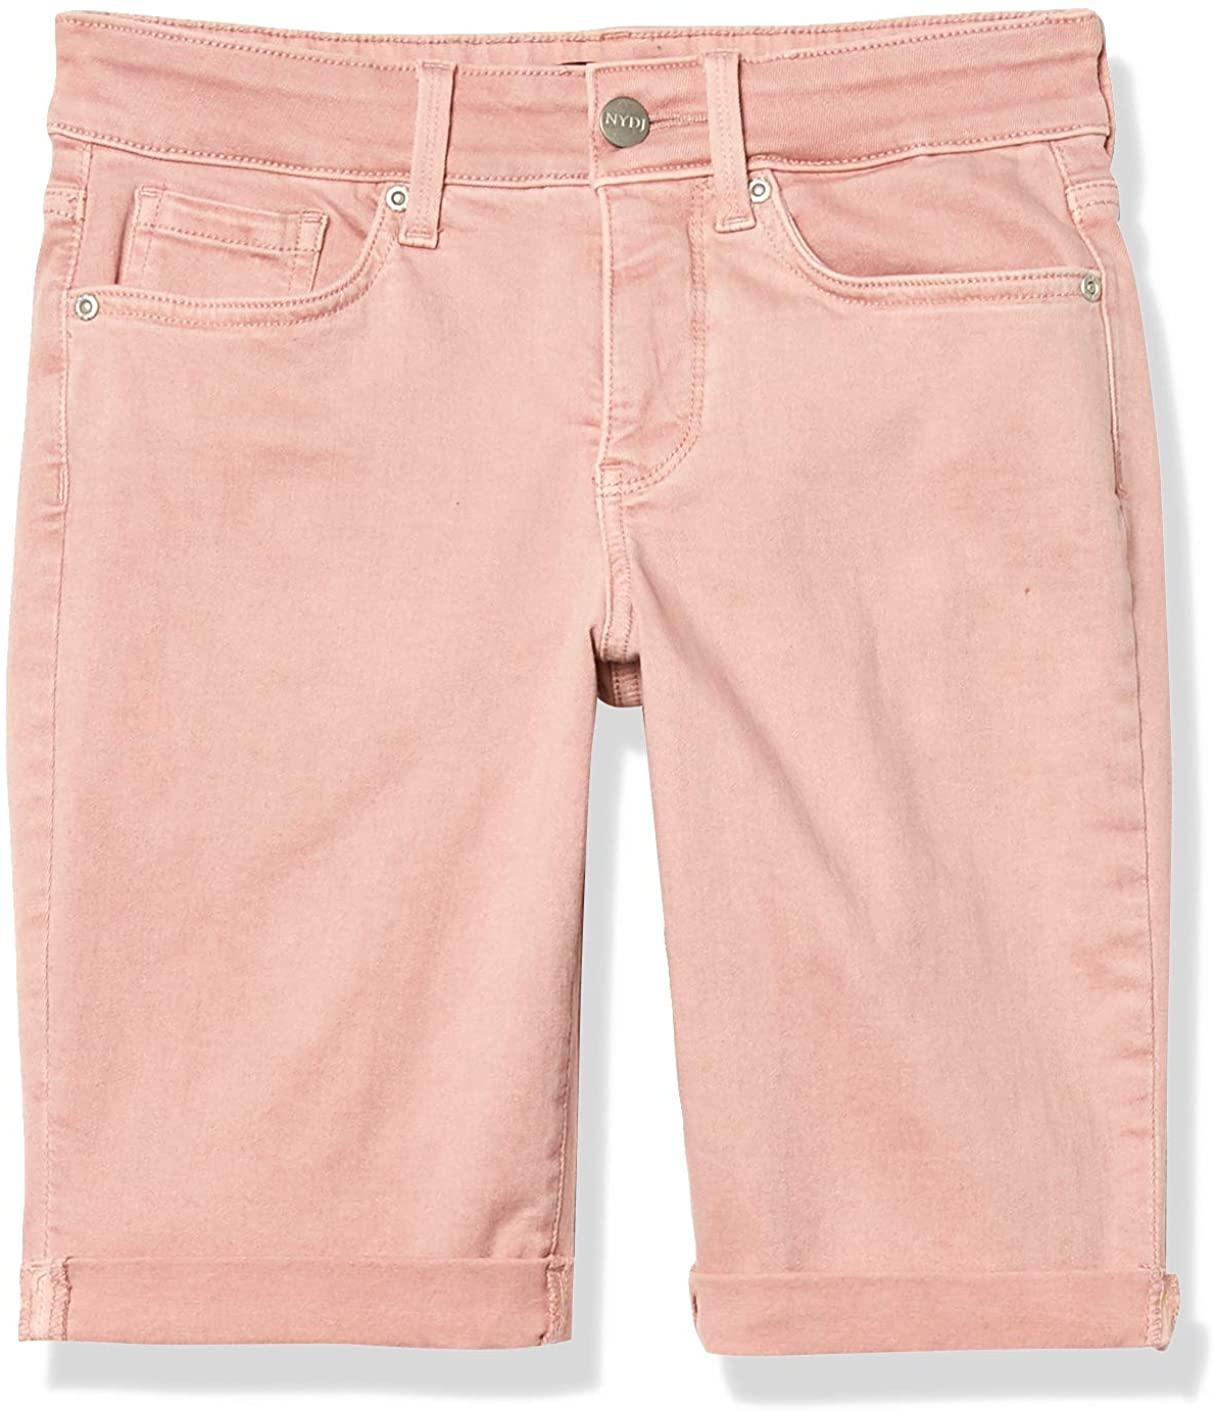 NYDJ Women's Petite Twill Shorts